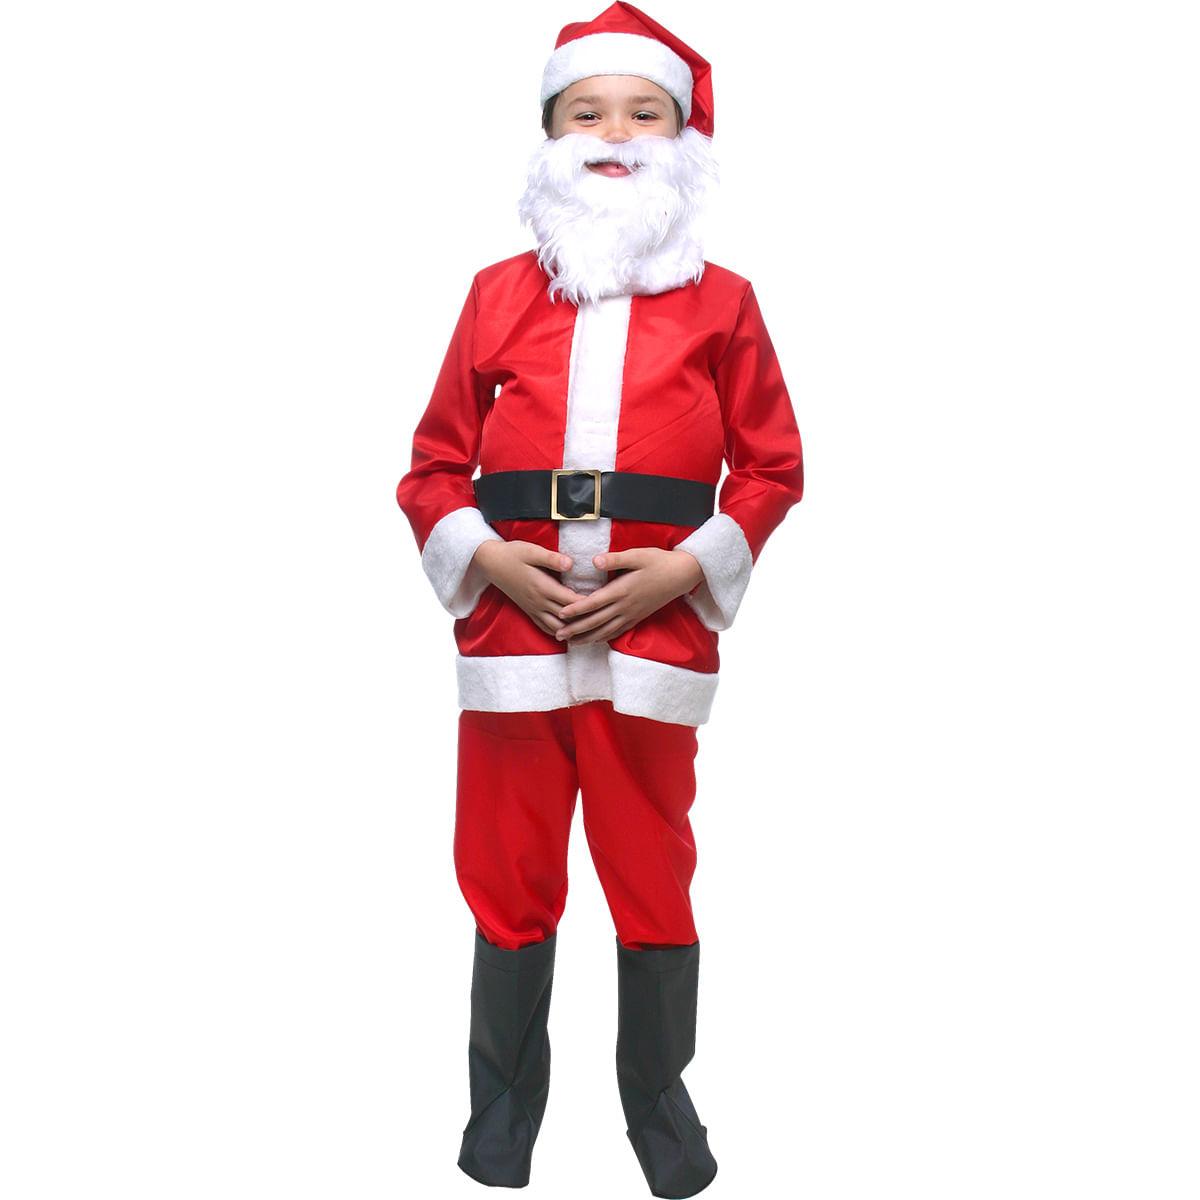 Fantasia Papai Noel Infantil P